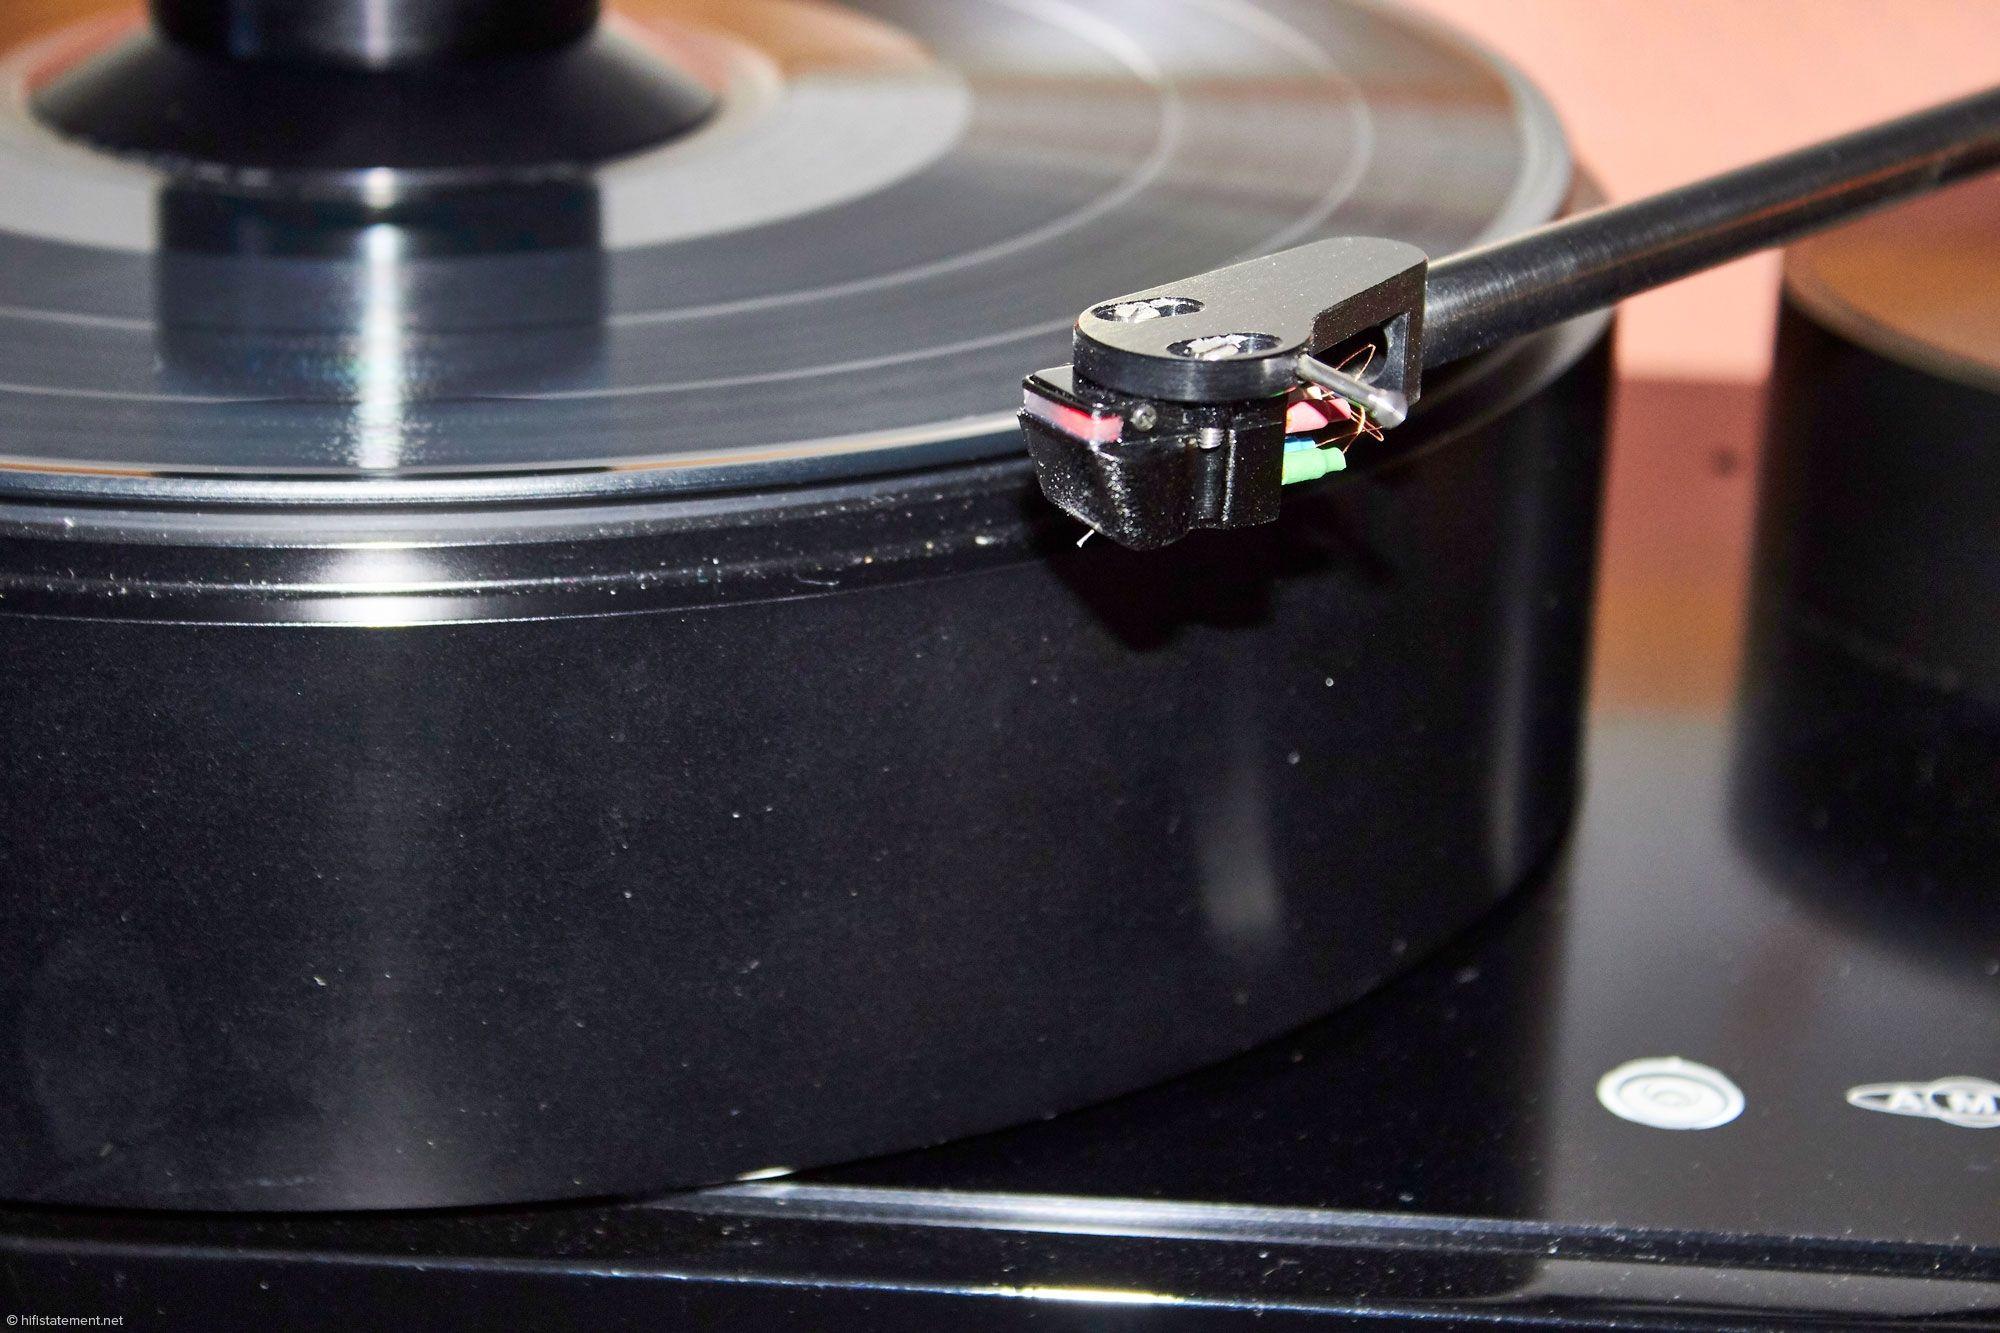 Für mich die analoge Entdeckung der Messe: Das DS Audio DS-W1 Optical Cartridge. Hier bewegt der Nadelträger ein extrem leichtes Plättchen, dass die Intensität eines Lichtstrahls moduliert. Der Abtaster wird als komplettes System mit Netzteil und RIAA-Entzerrer angeboten und soll um die 9000 Euro kosten